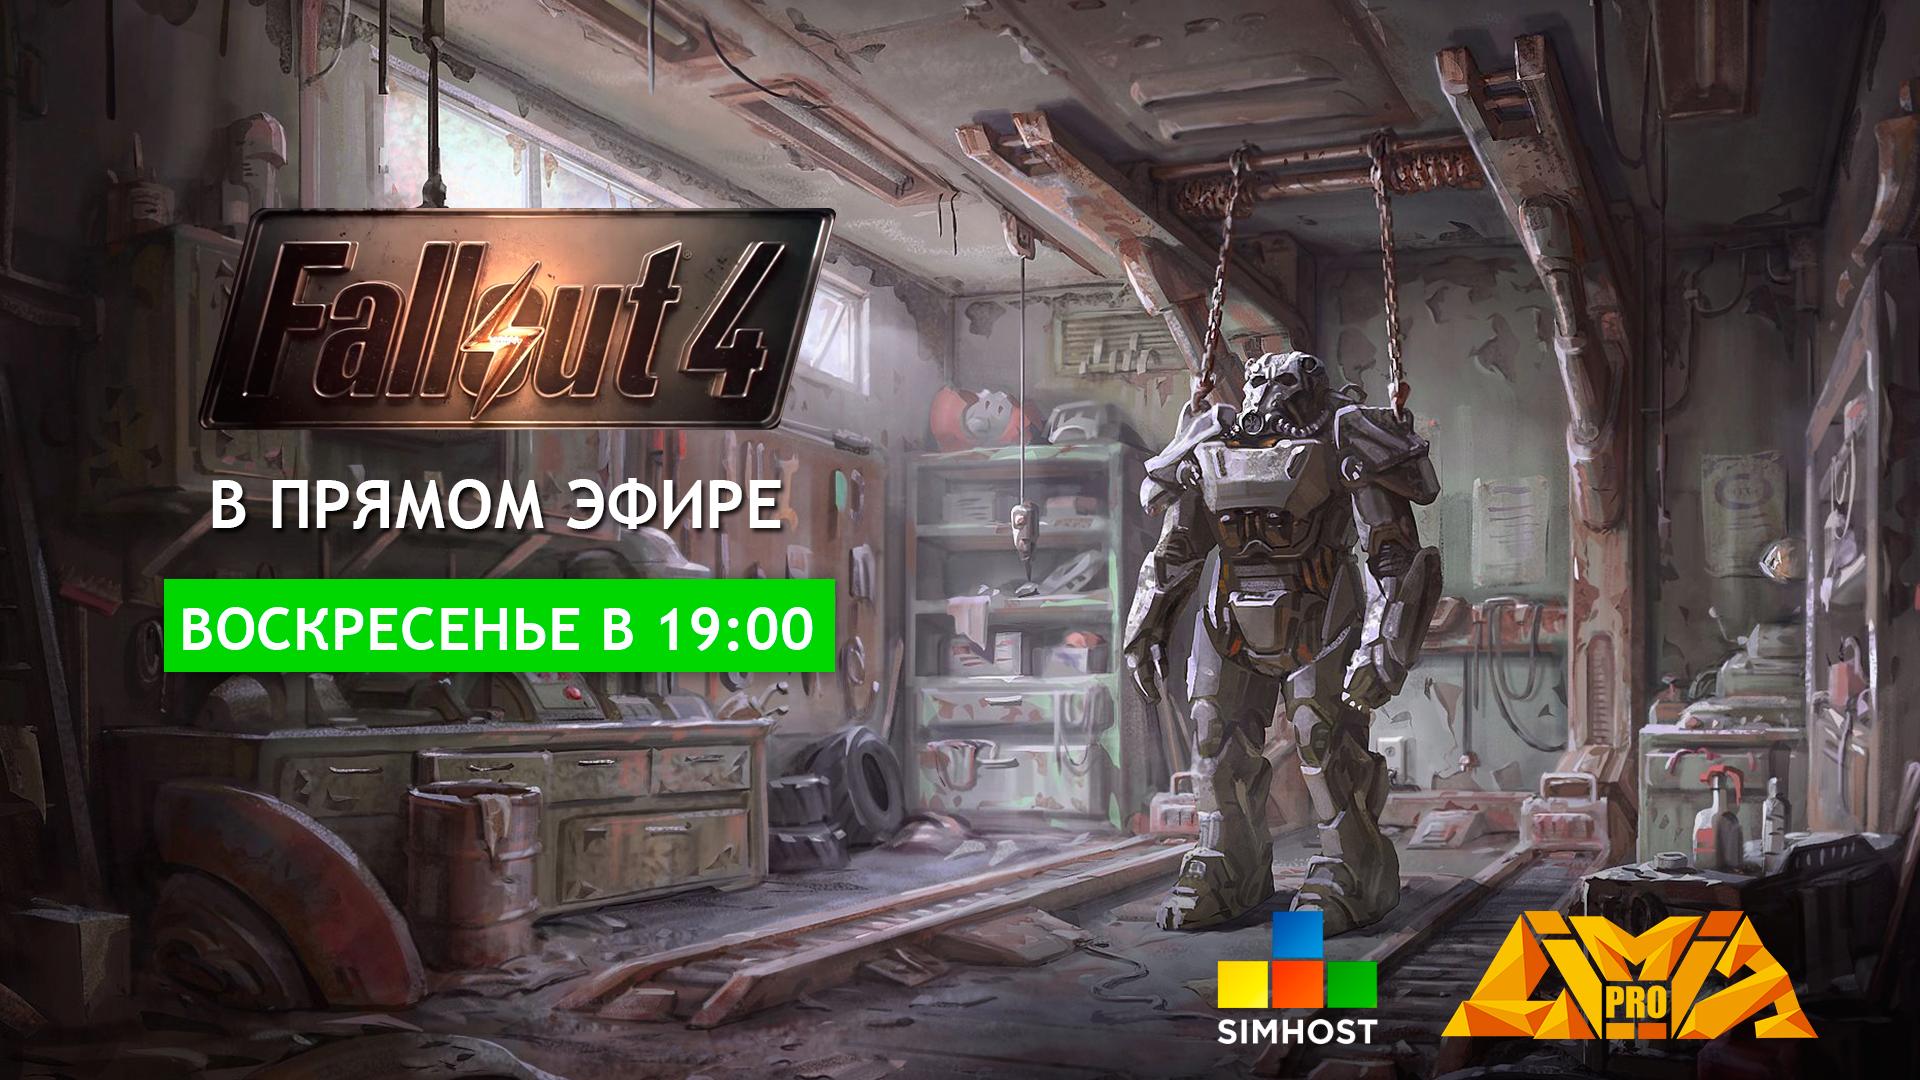 Прохождение Fallout 4 в прямом эфире - Изображение 1